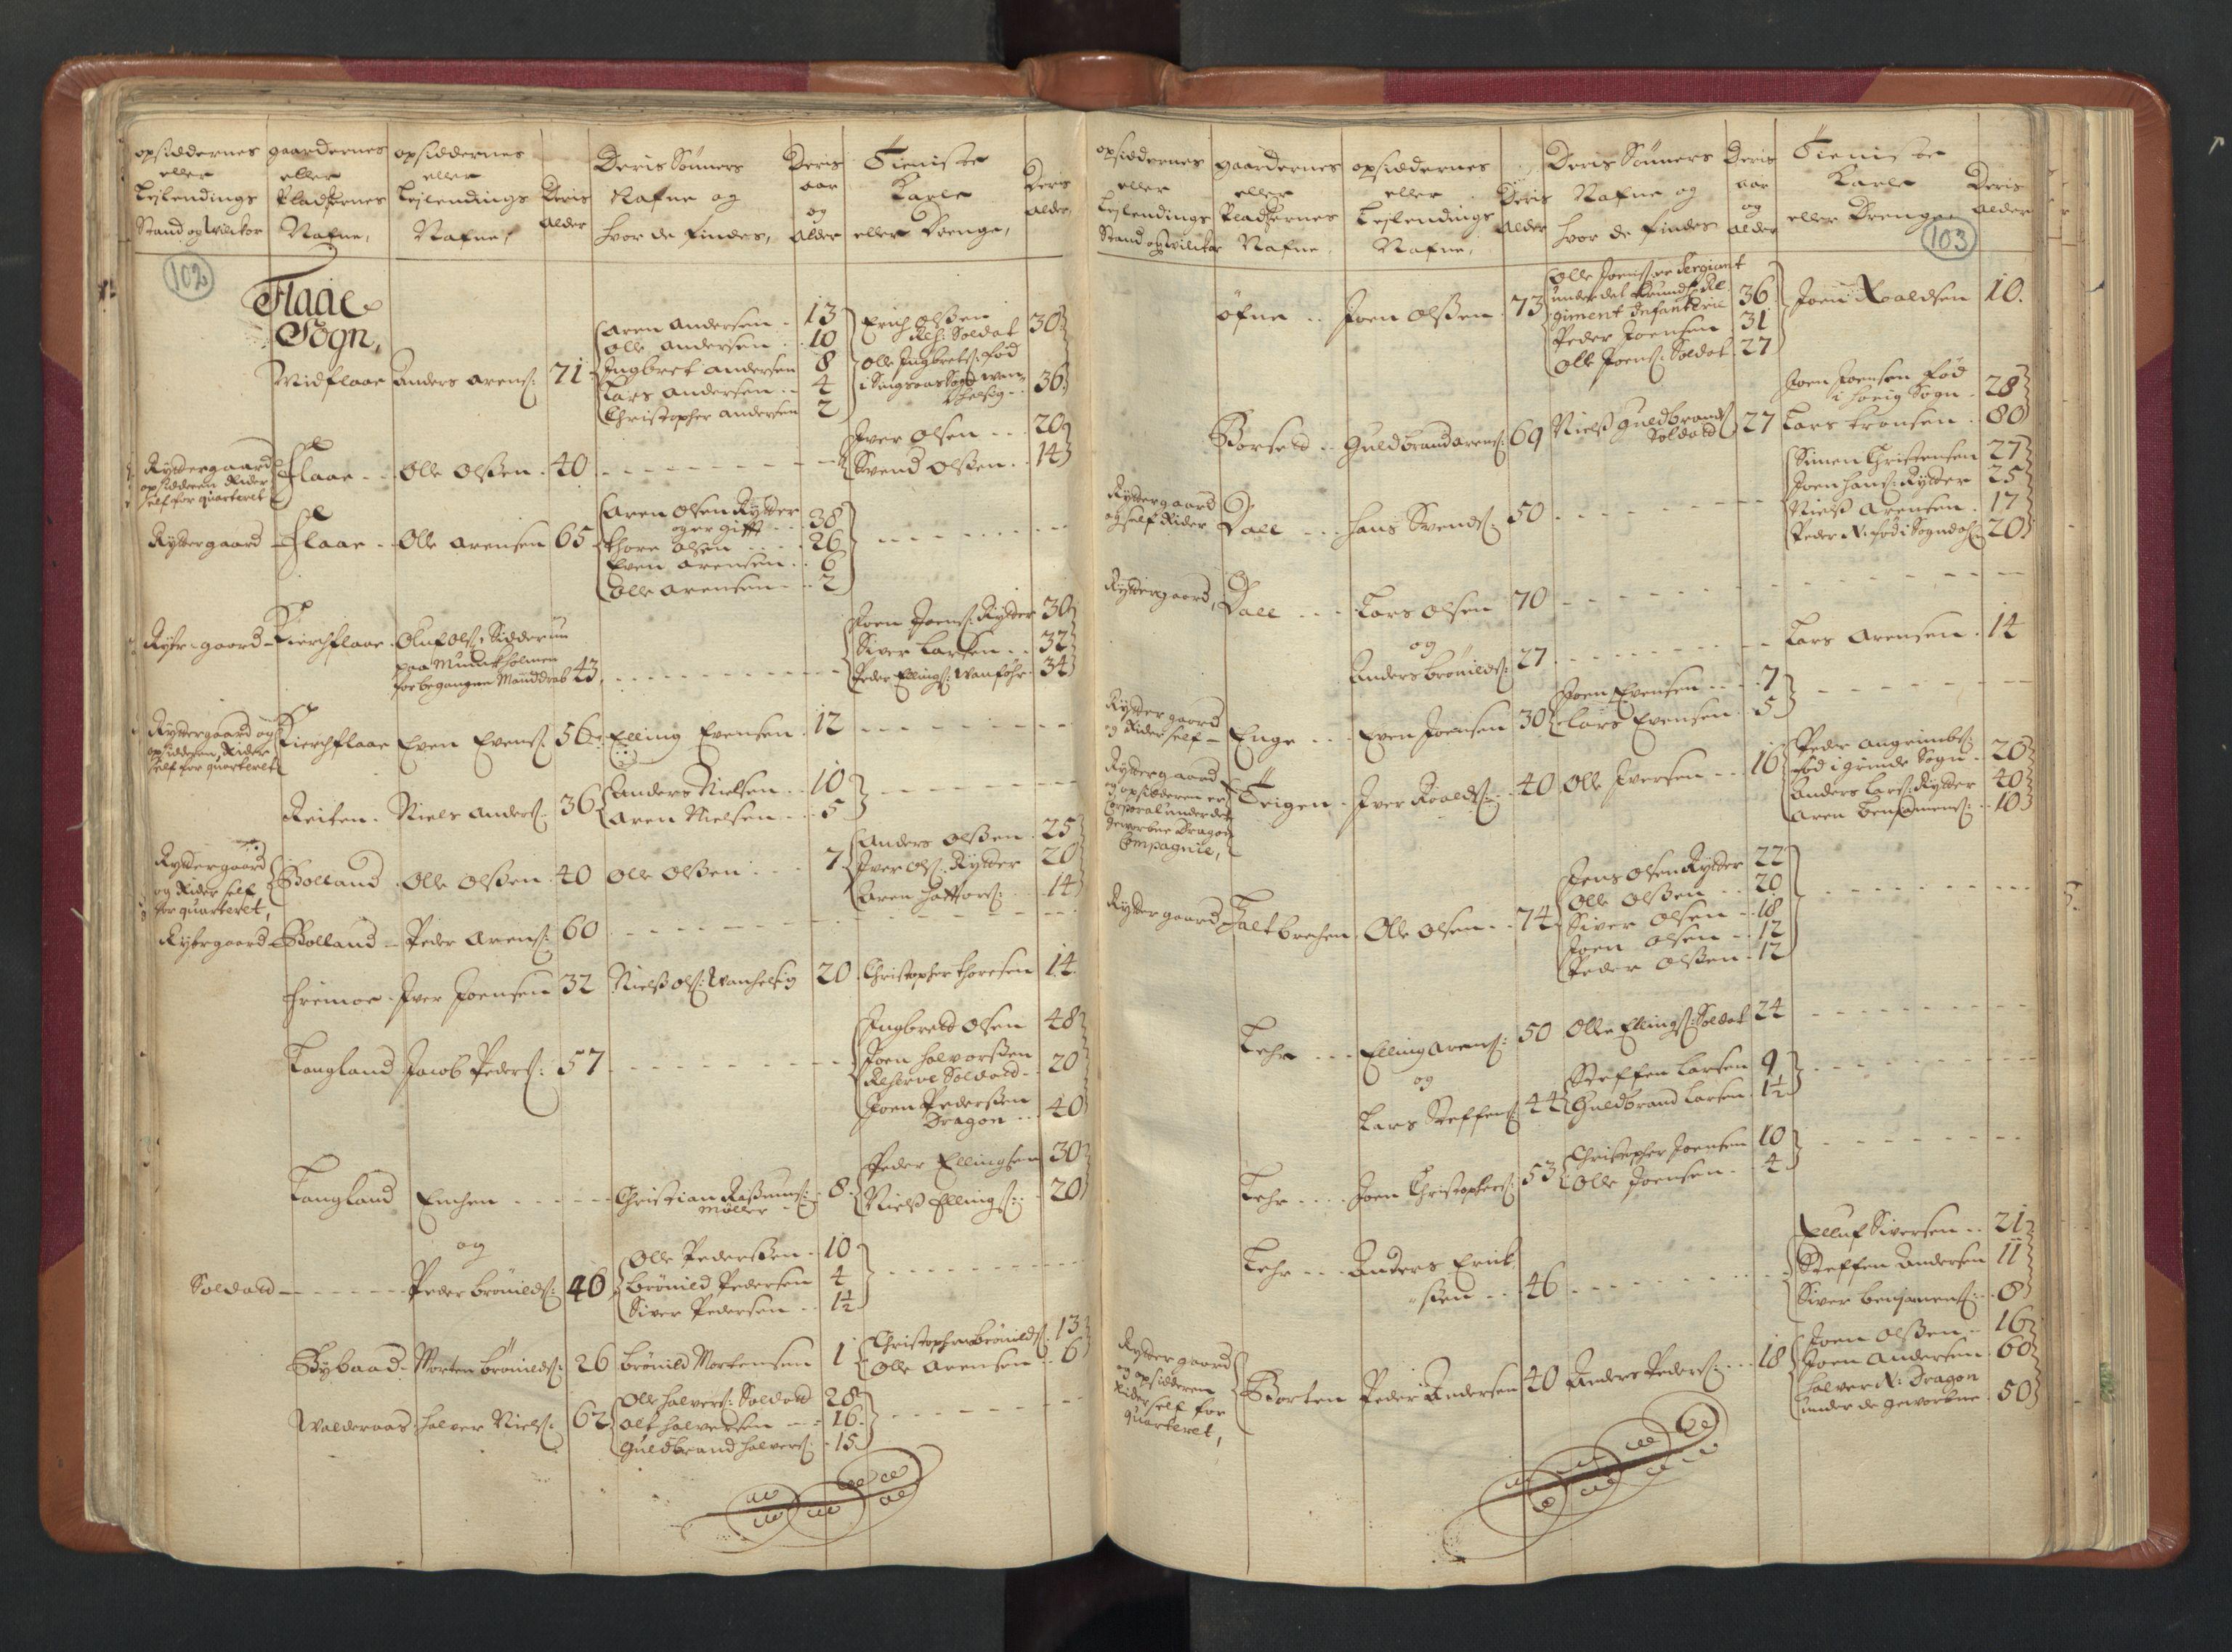 RA, Manntallet 1701, nr. 13: Orkdal fogderi og Gauldal fogderi med Røros kobberverk, 1701, s. 102-103